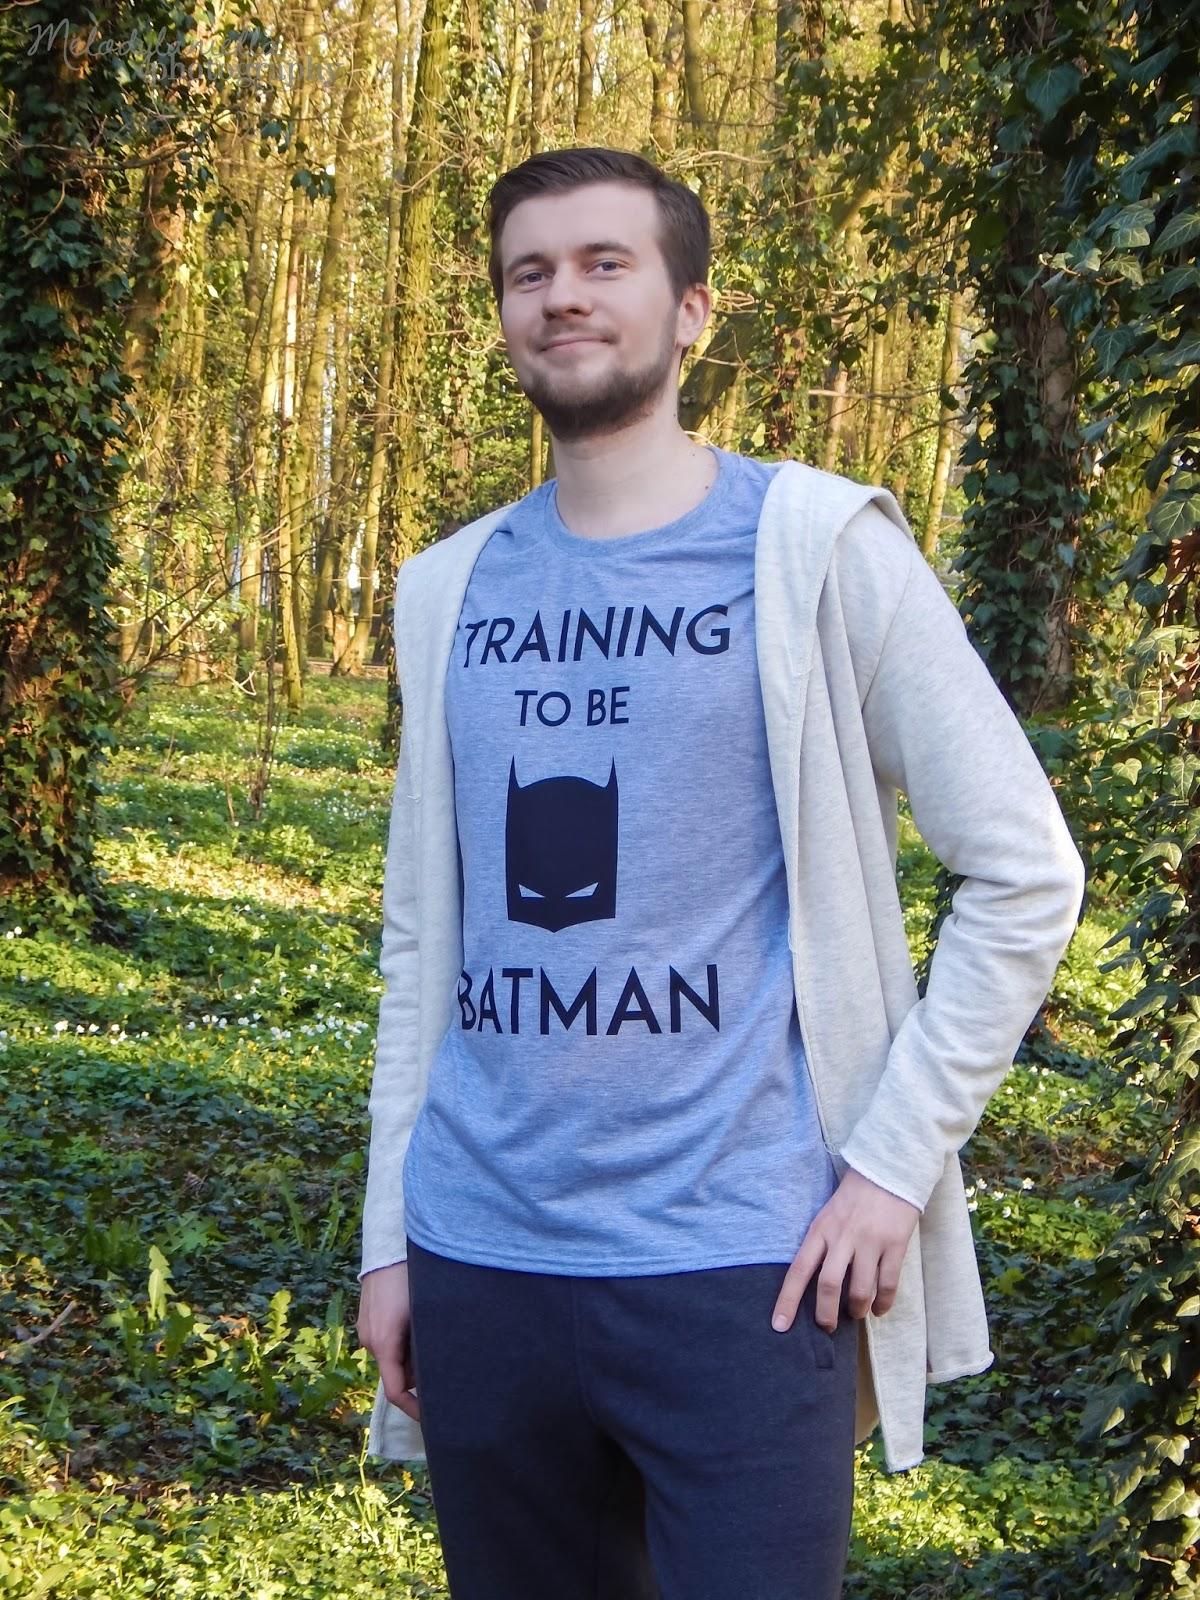 training to be batman tshirt koszulka sportowa meska ubrania dla par dla zakochanych prezent koszulove walentynki